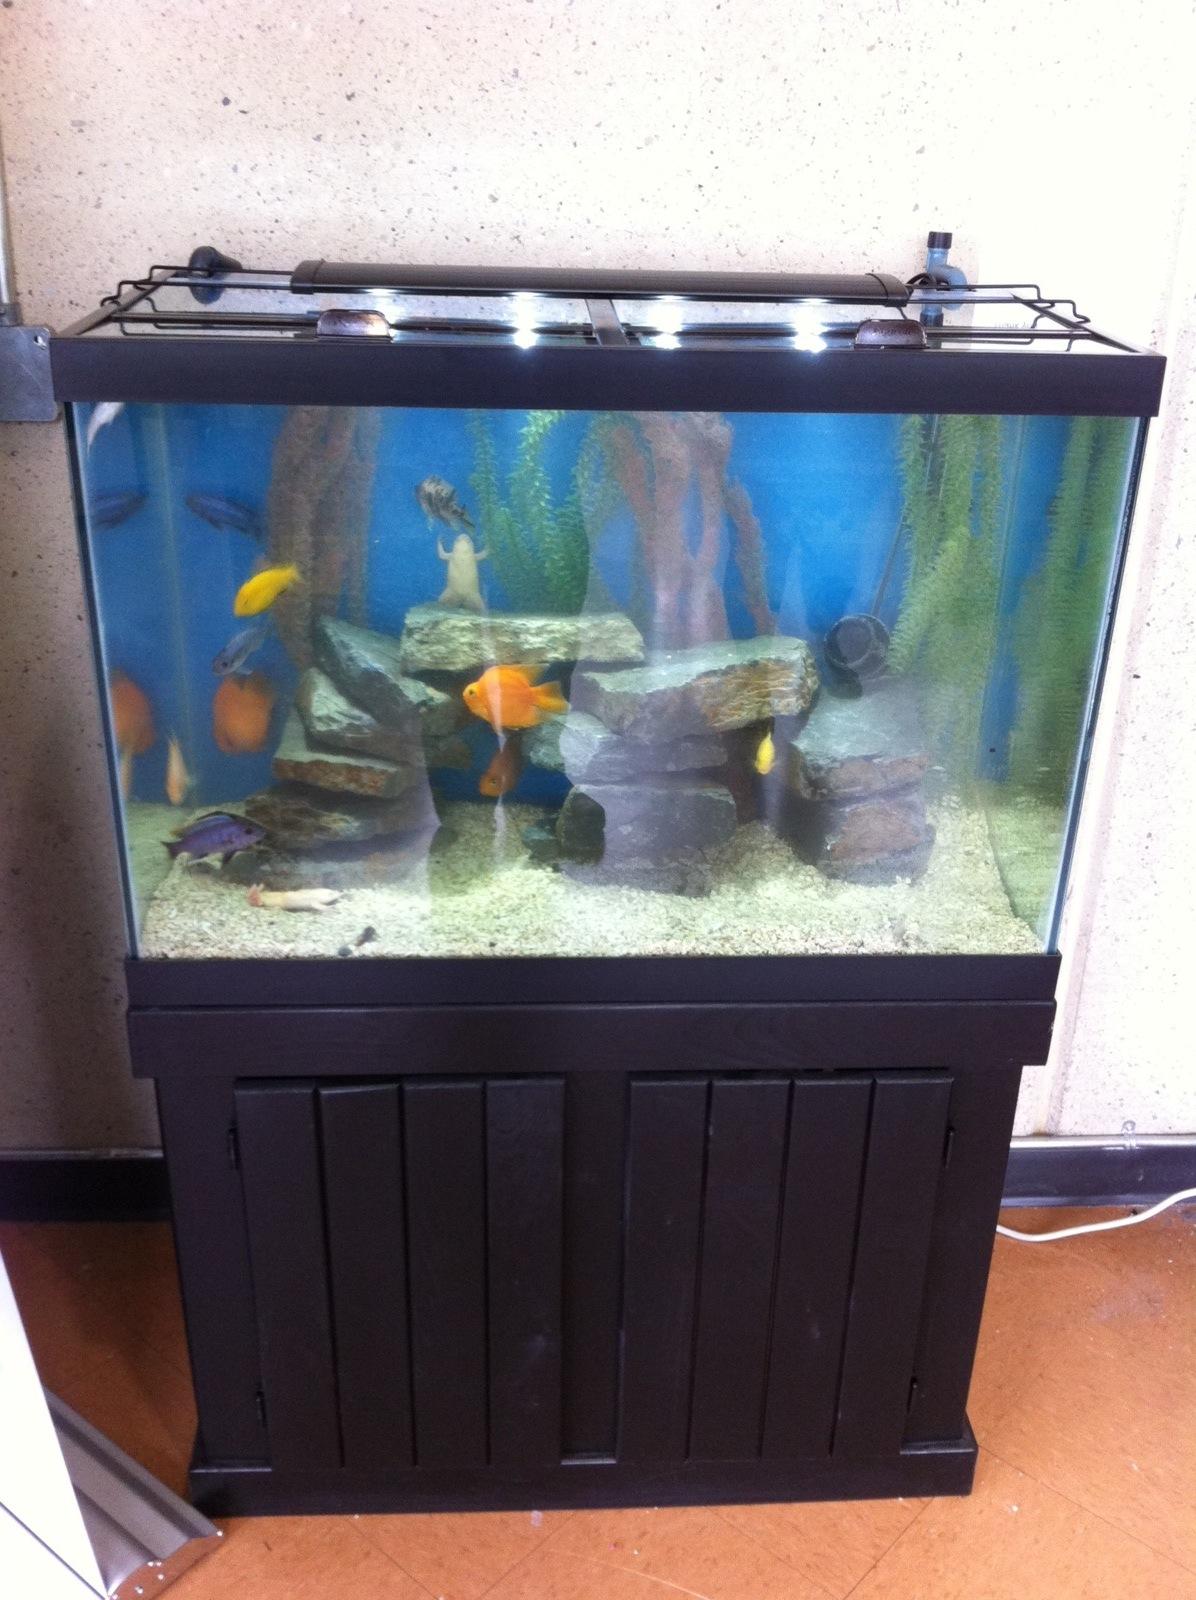 Caring for your brand new aquarium.